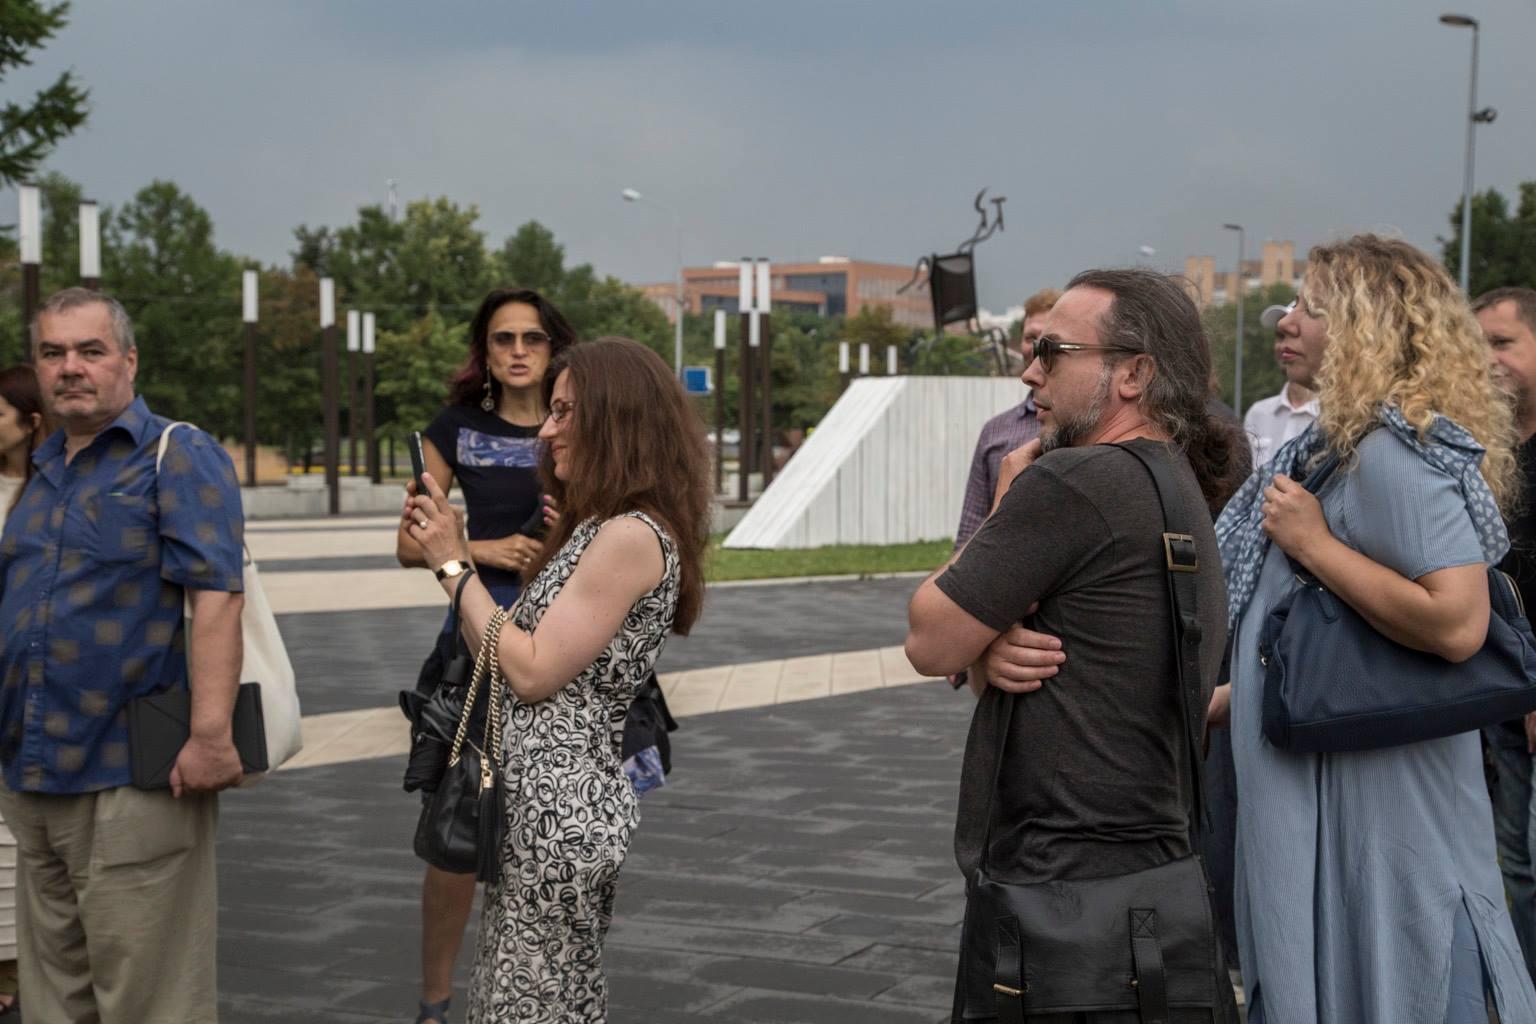 Марина Звягинцева проводит экскурсию по проекту #6СОТОК